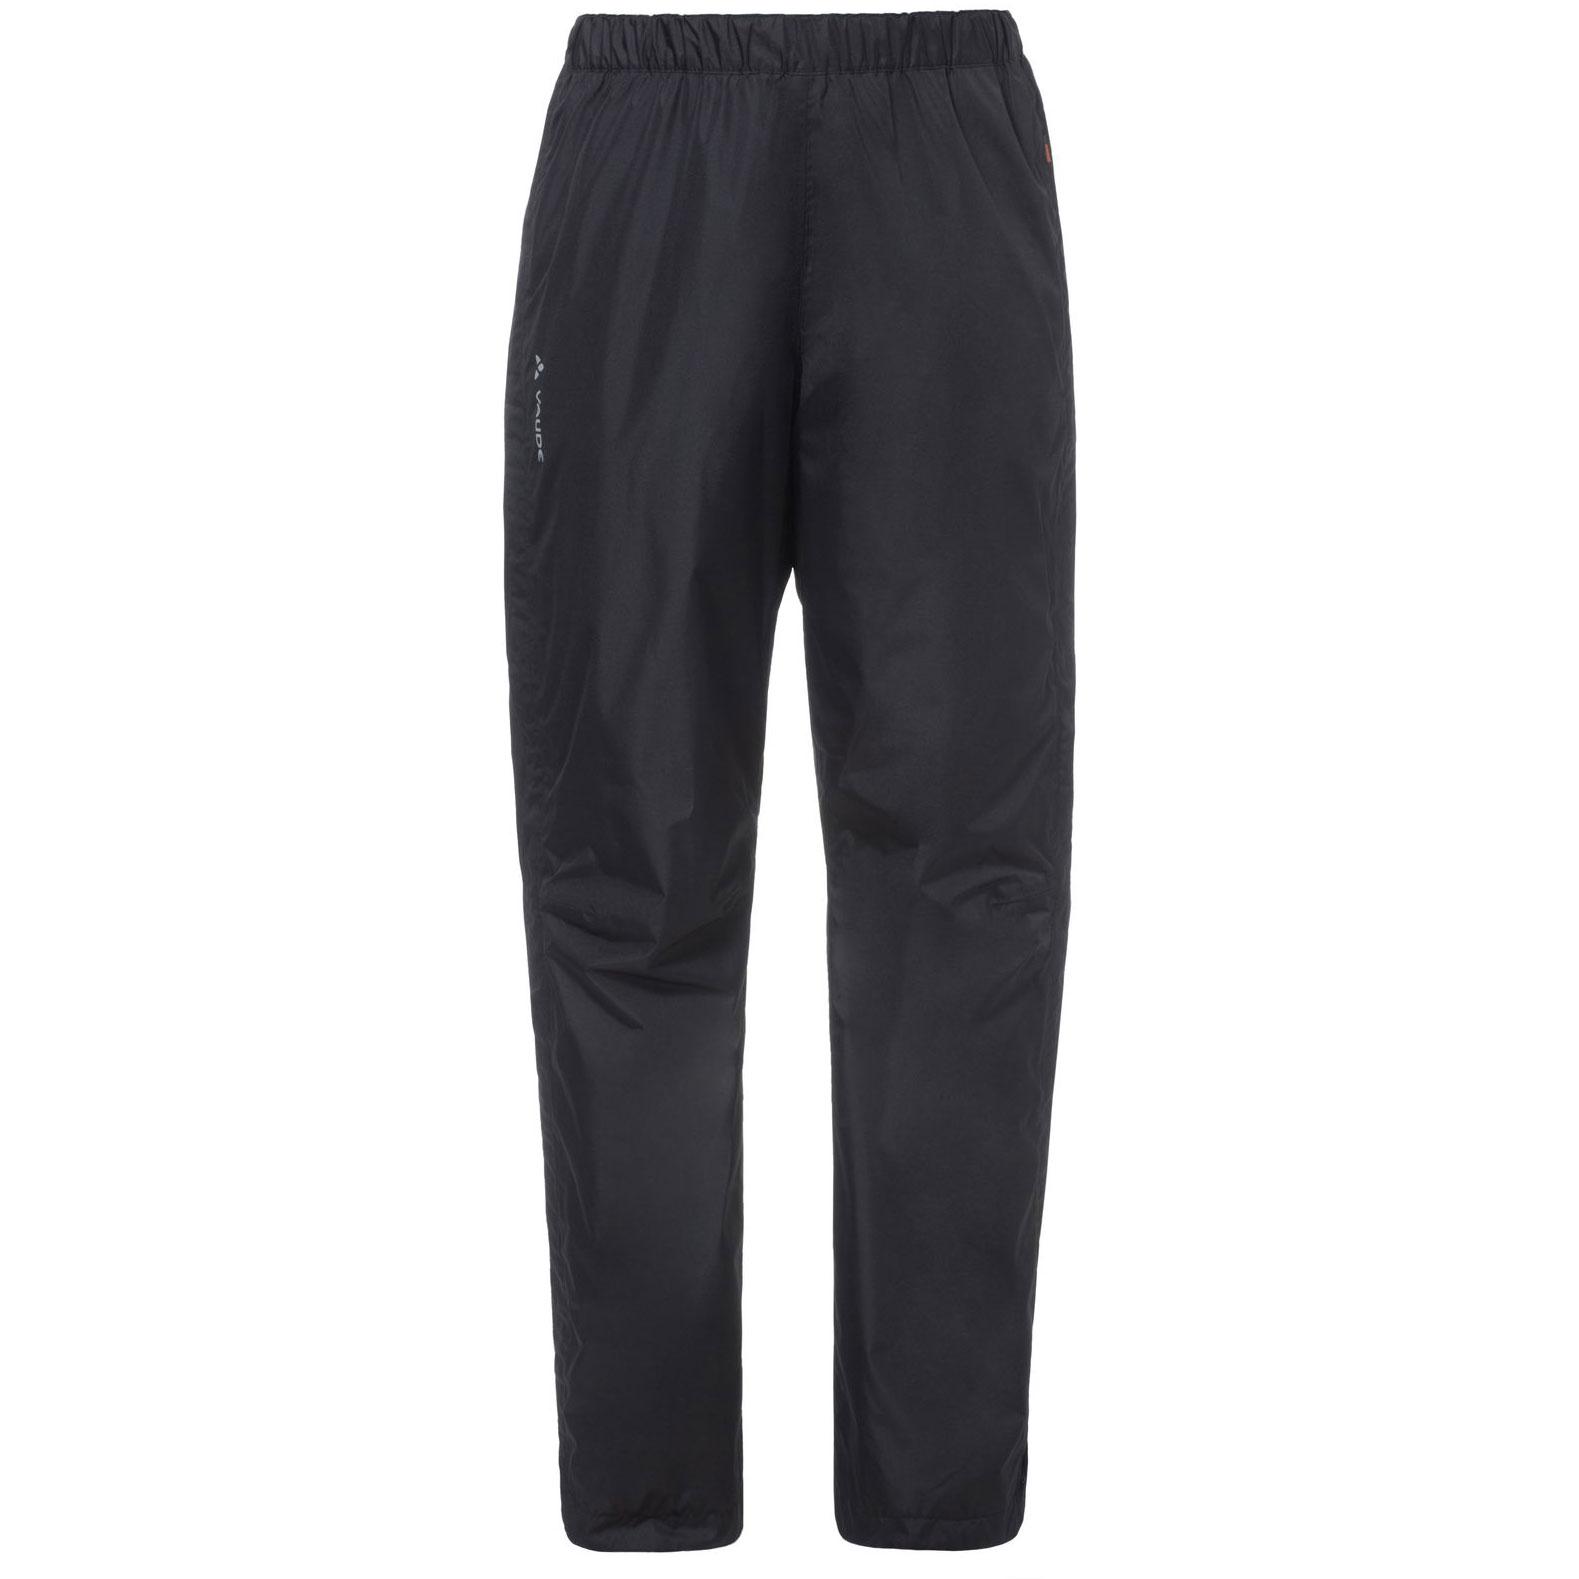 Vaude Fluid Full-Zip Damen Regenhose - Short - schwarz